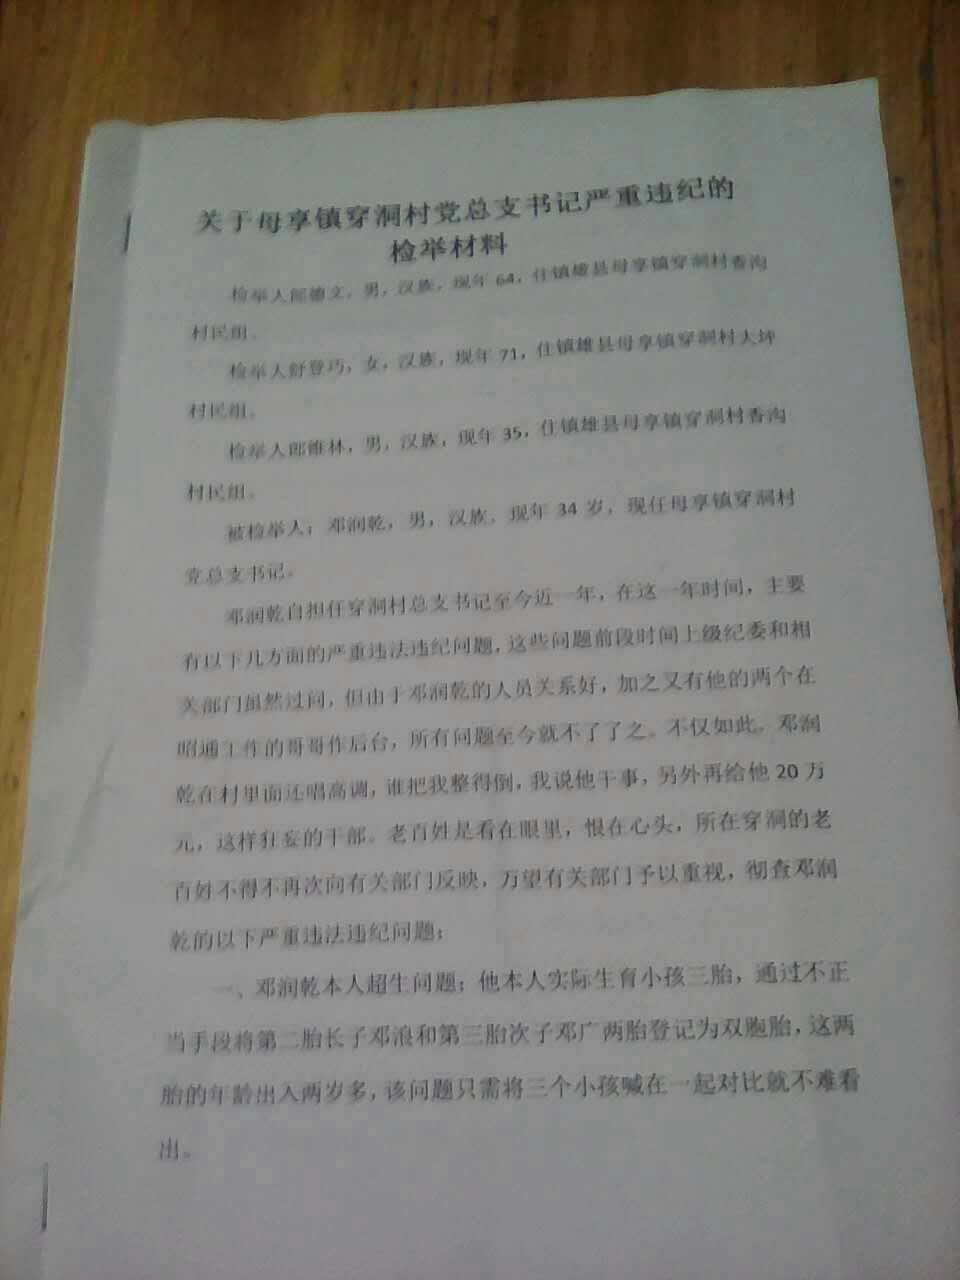 关于镇雄母享穿洞村支书邓润乾严重违纪检举材料